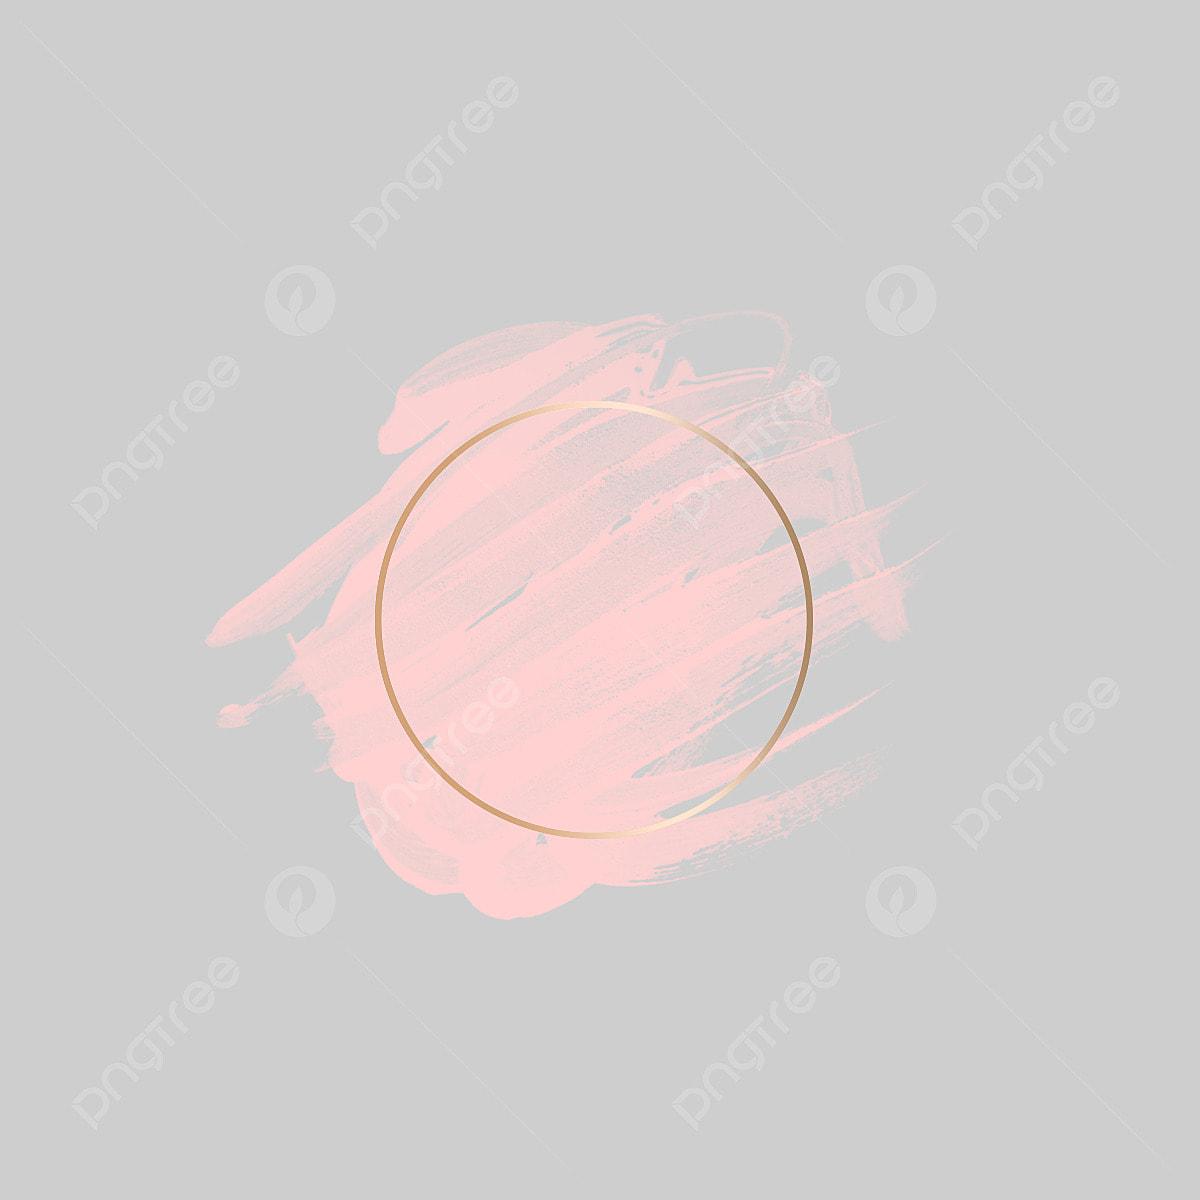 وردي إطار دائري يوم الطفل عيد الأب الزهور عيد الحب جولة Png